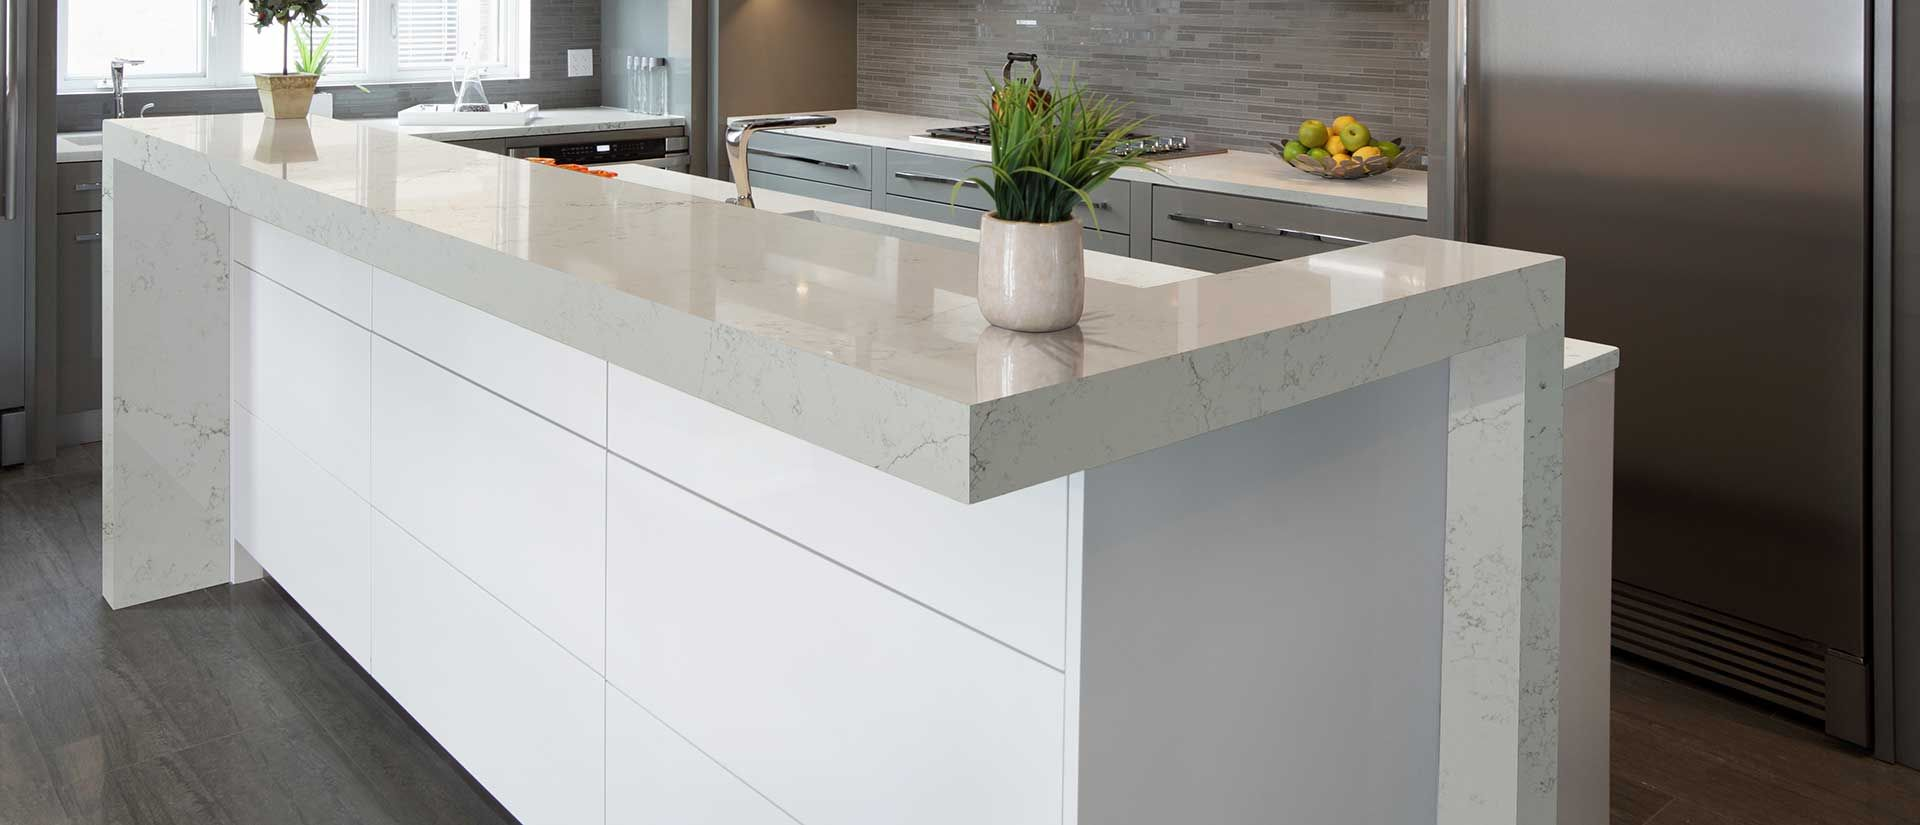 Alabaster White Quartz Slab Countertops Q Premium Natural Quartz